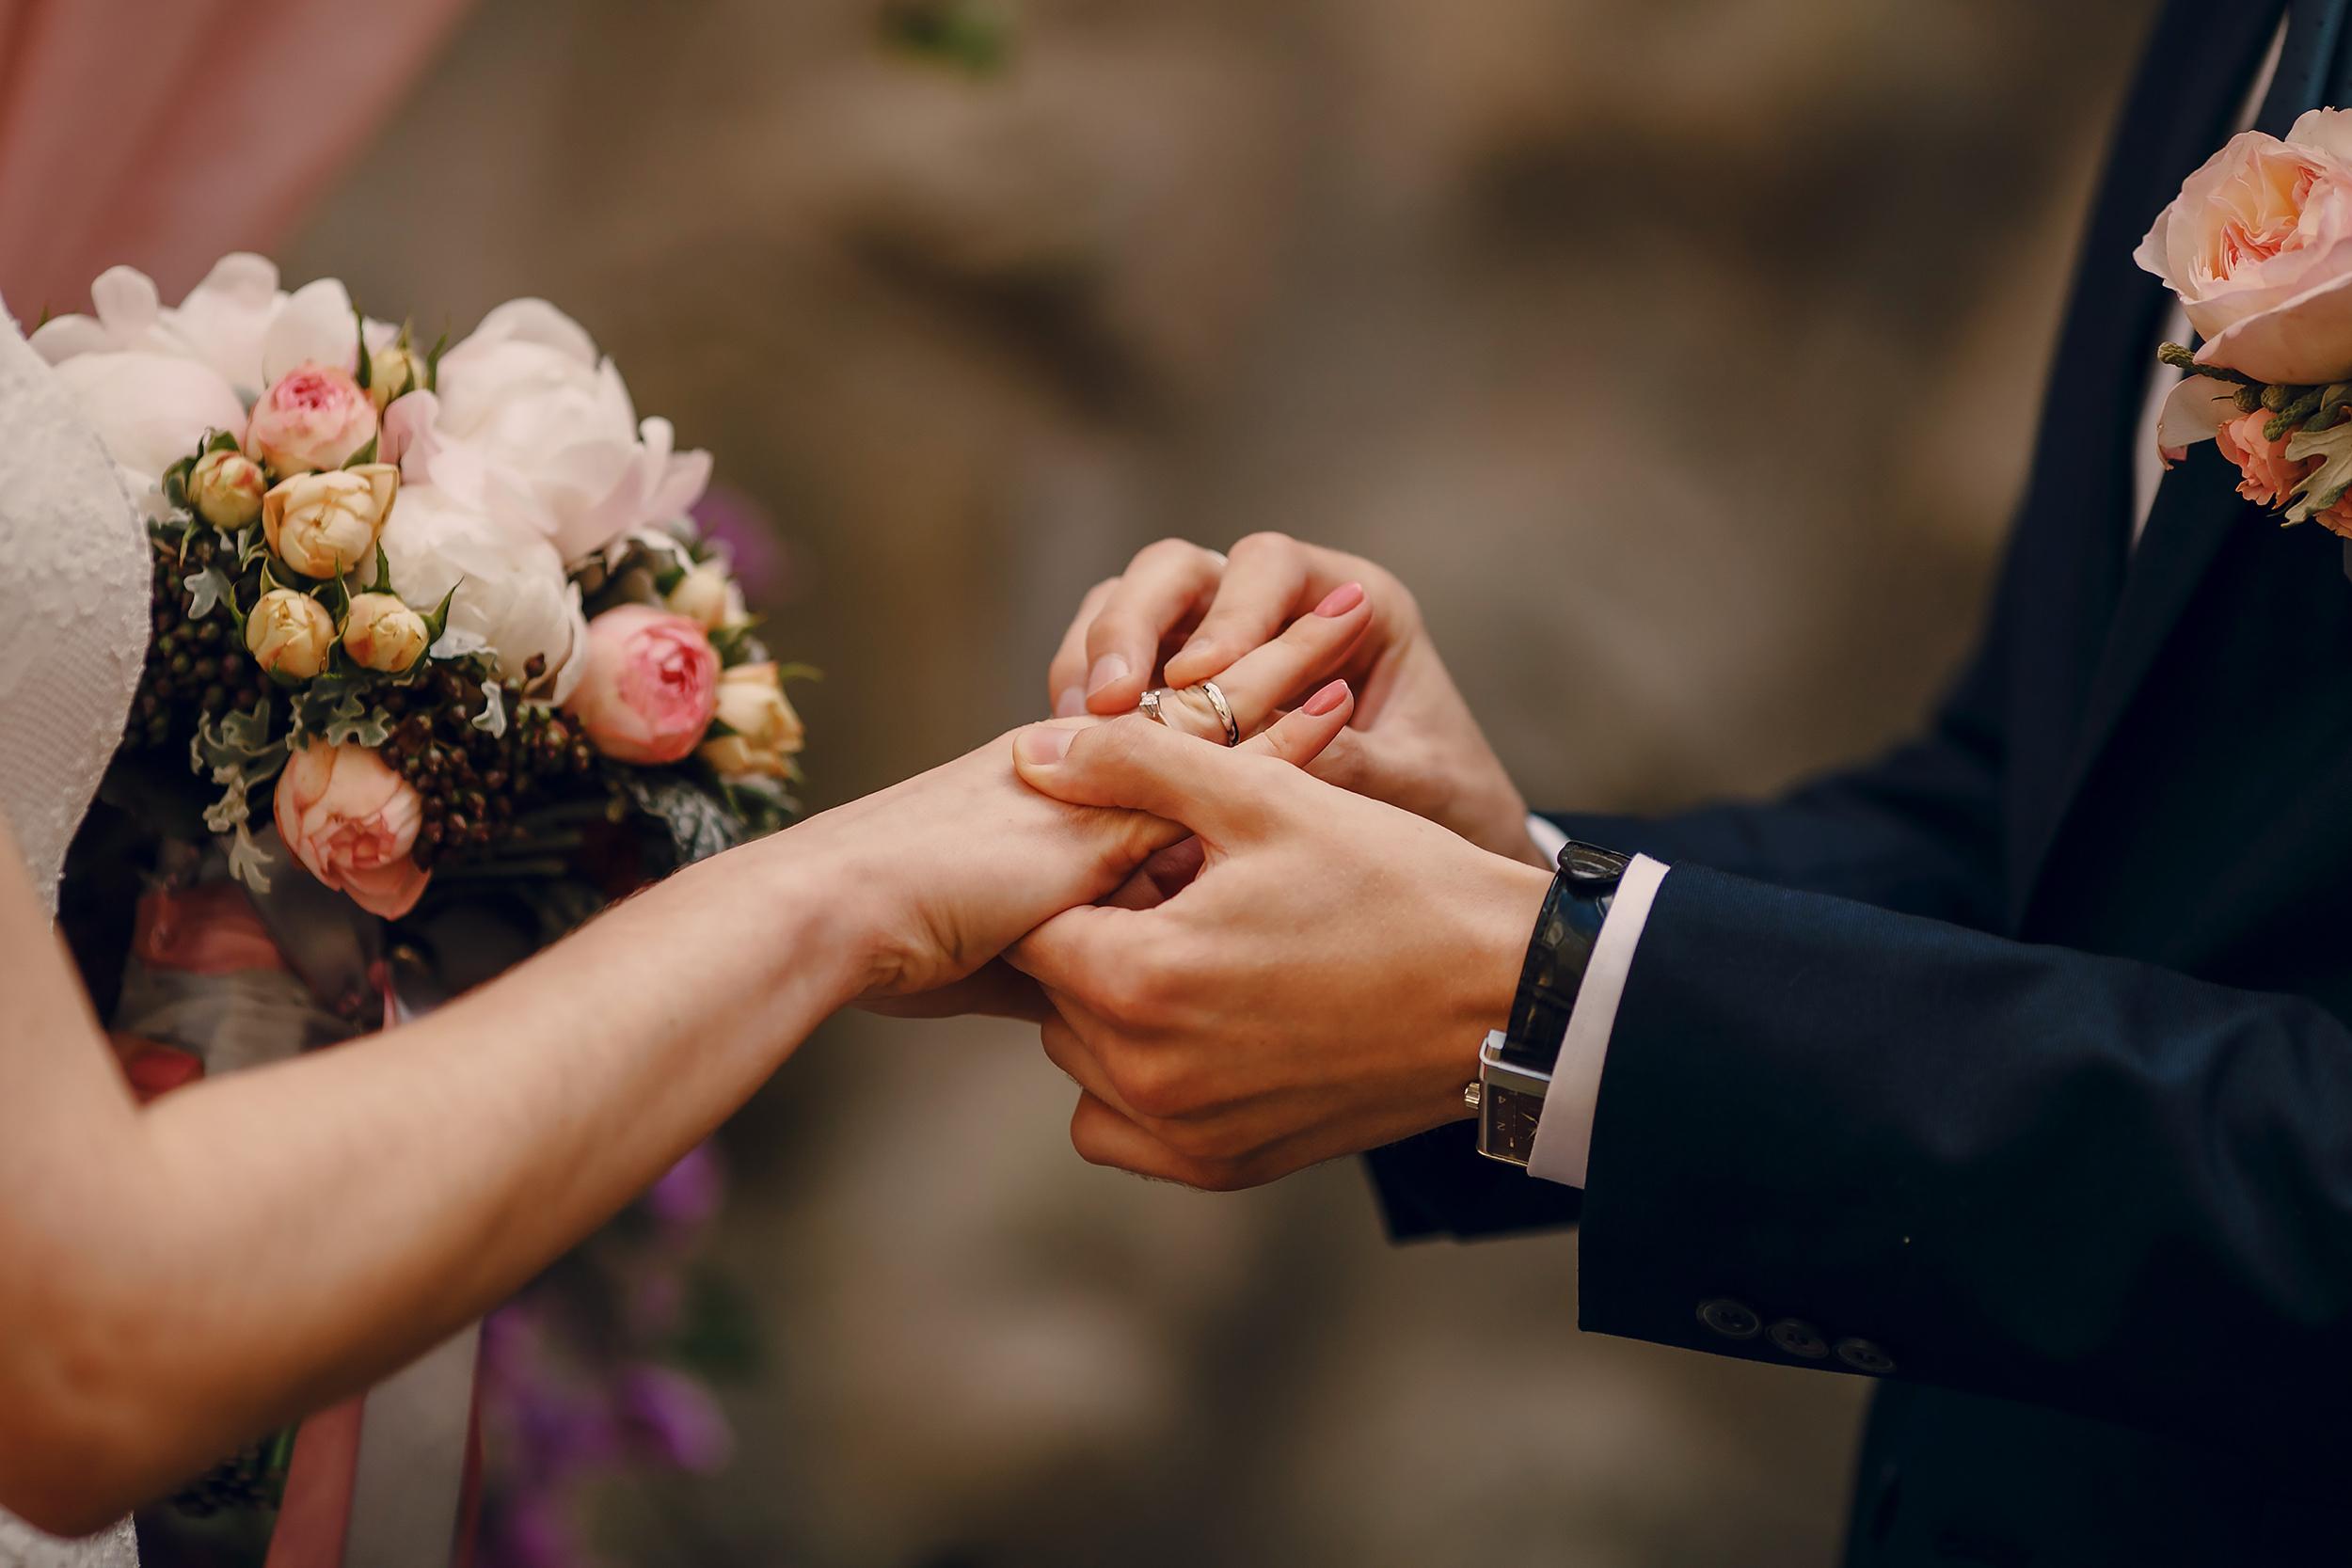 Svadobná oslava, ako sa patrí